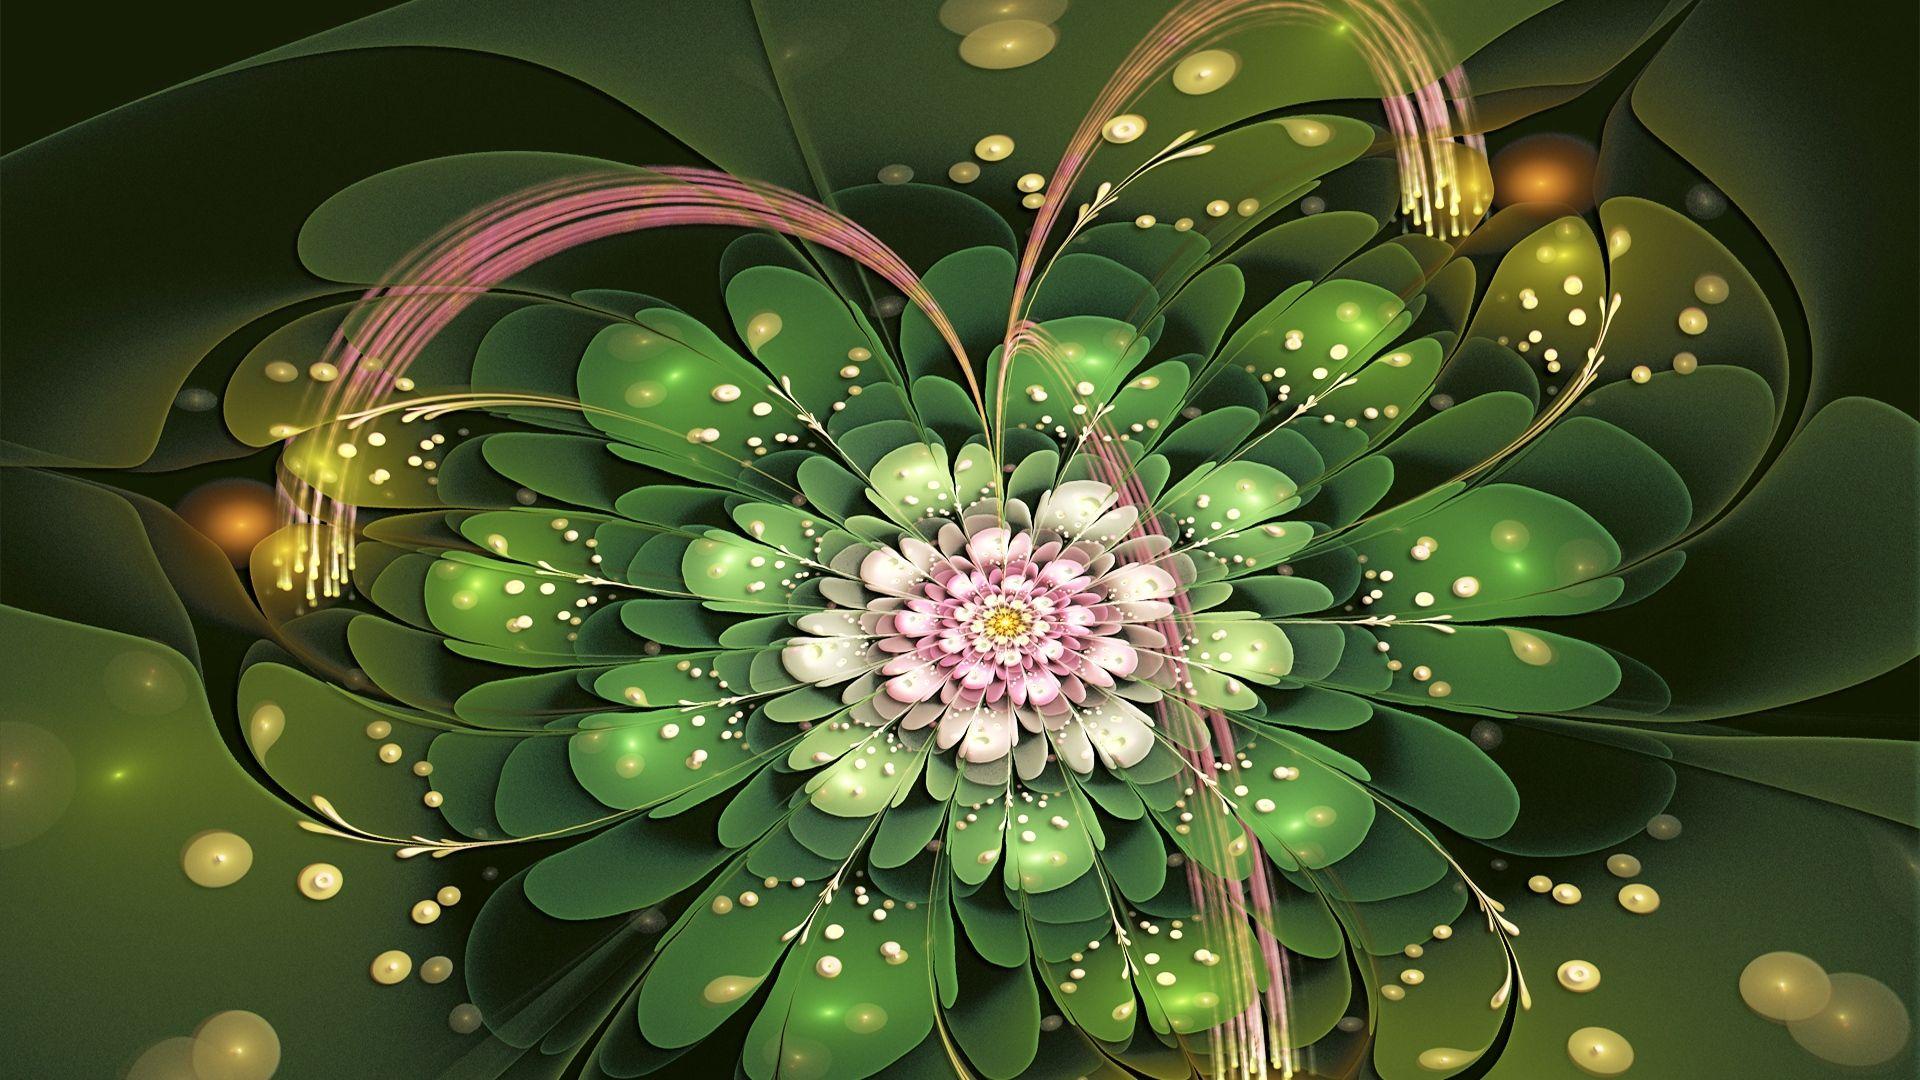 Fractal Flower hd wallpaper for laptop